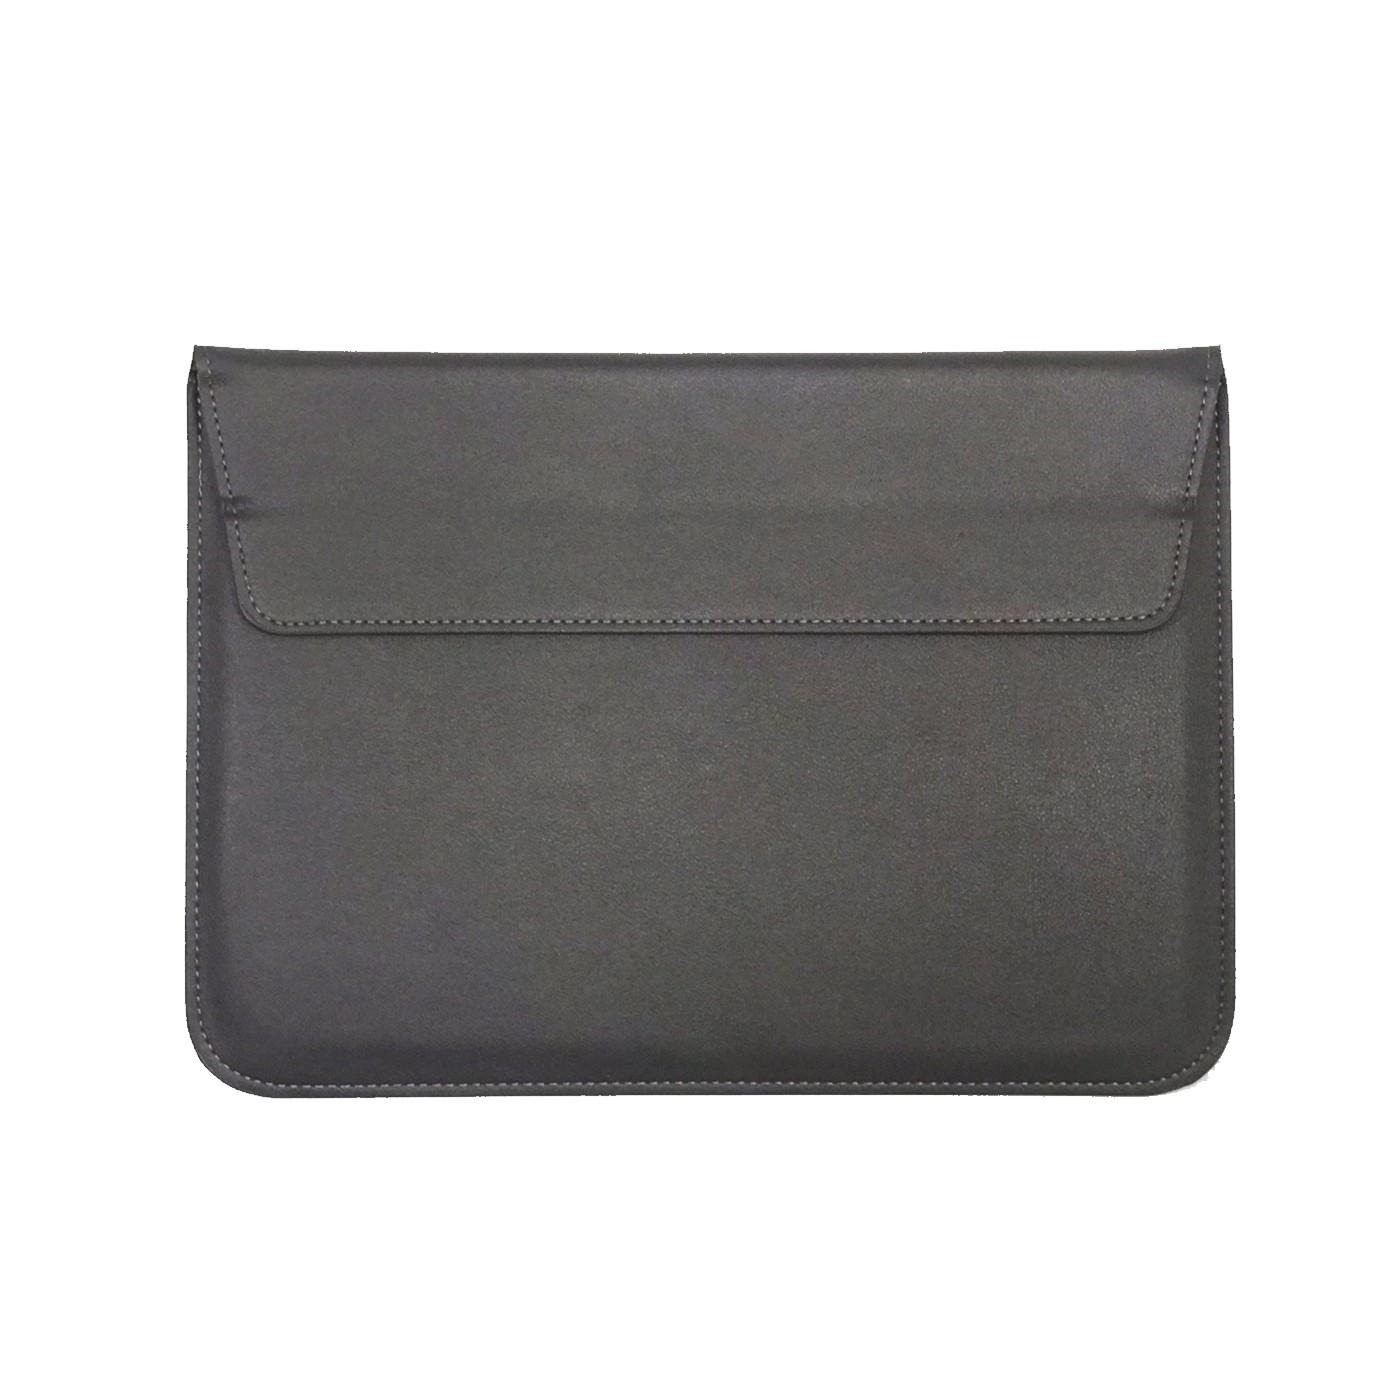 삼성 갤럭시북 / 플렉스 이온 S / LG 그램 / 맥북 호환 노트북 슬리브 파우치, 그레이